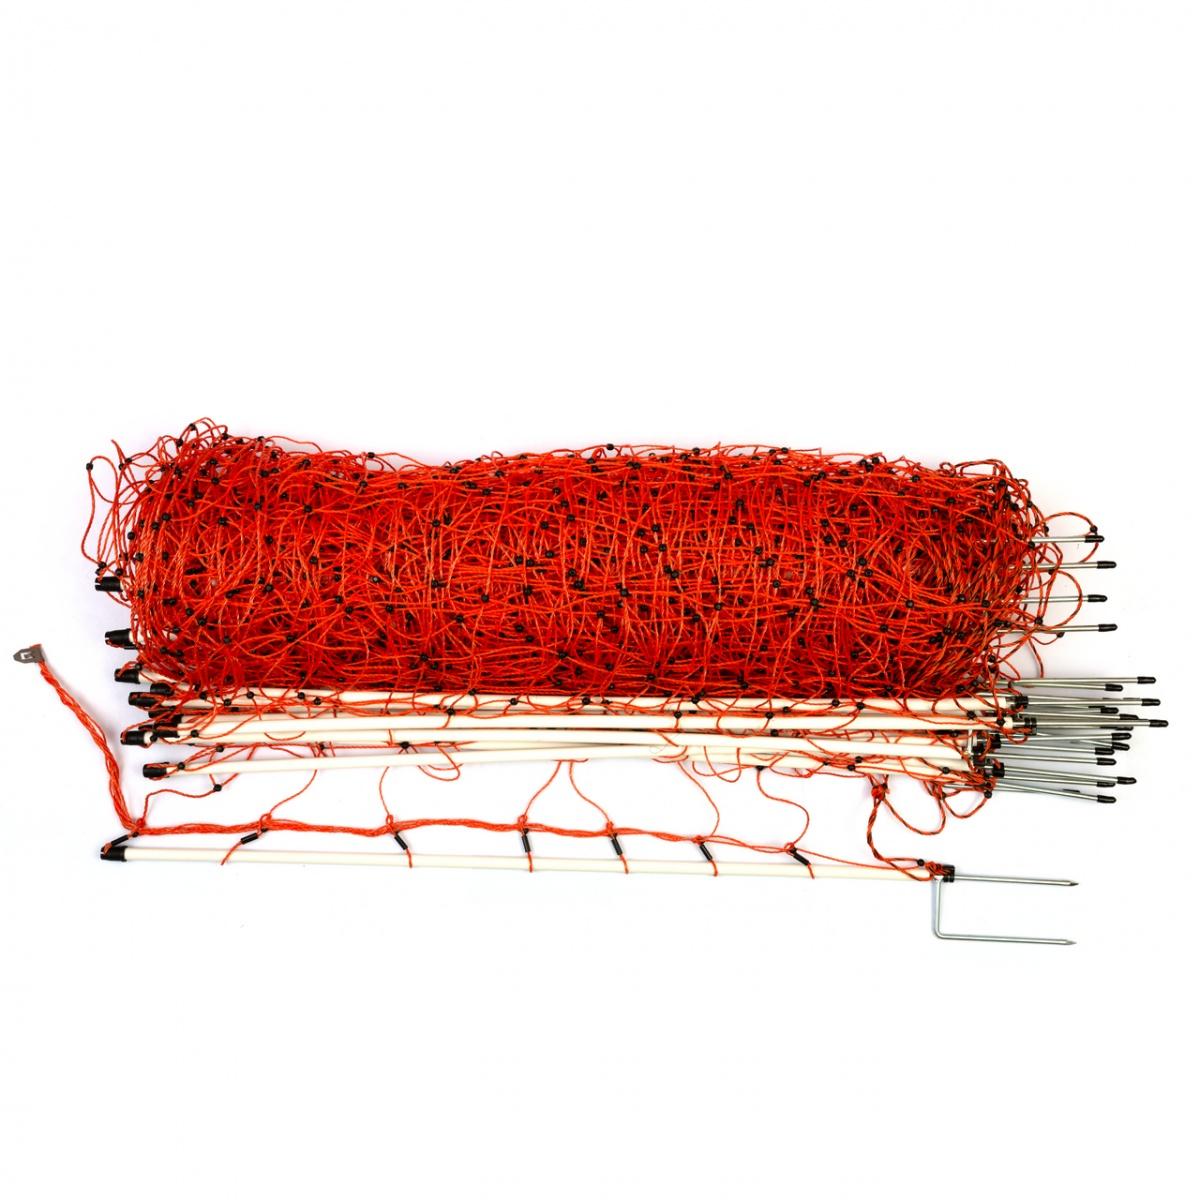 Villanypásztor háló 50 m × 90 cm